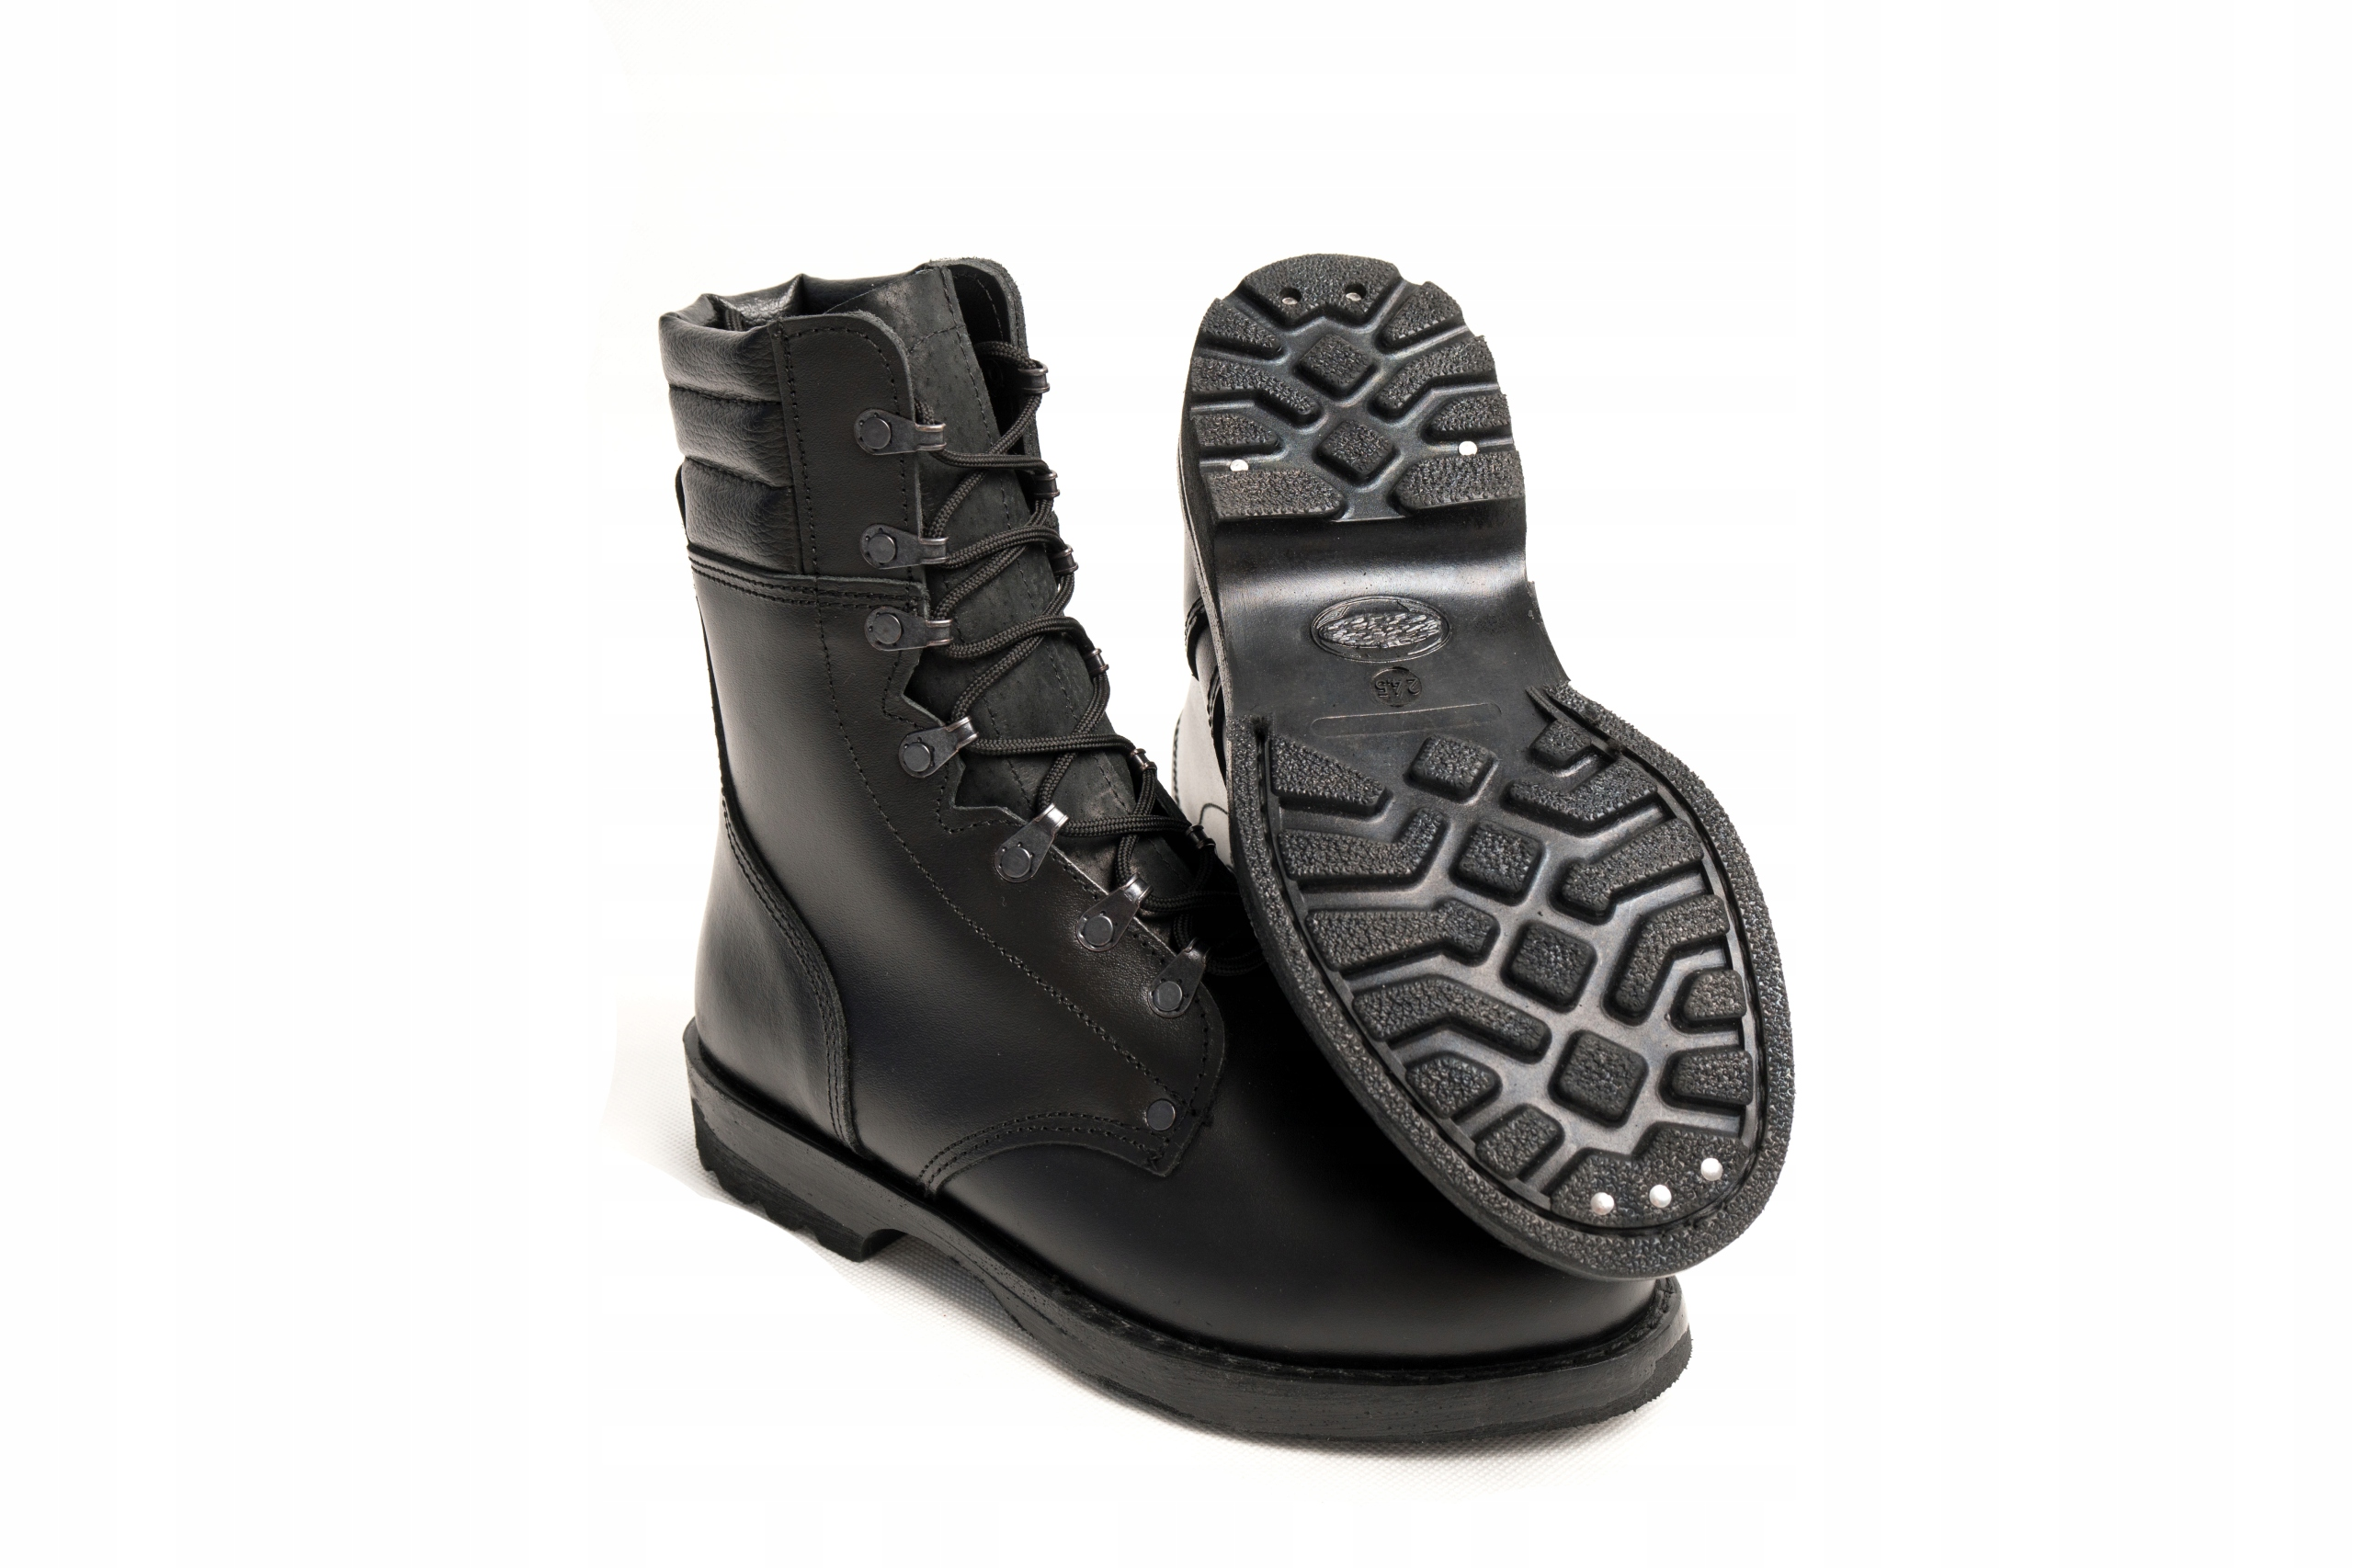 bc7858e4 Ботинки Военные Прыгуны ДЕСАНТЫ JANY 36465 r 42 купить с доставкой ...